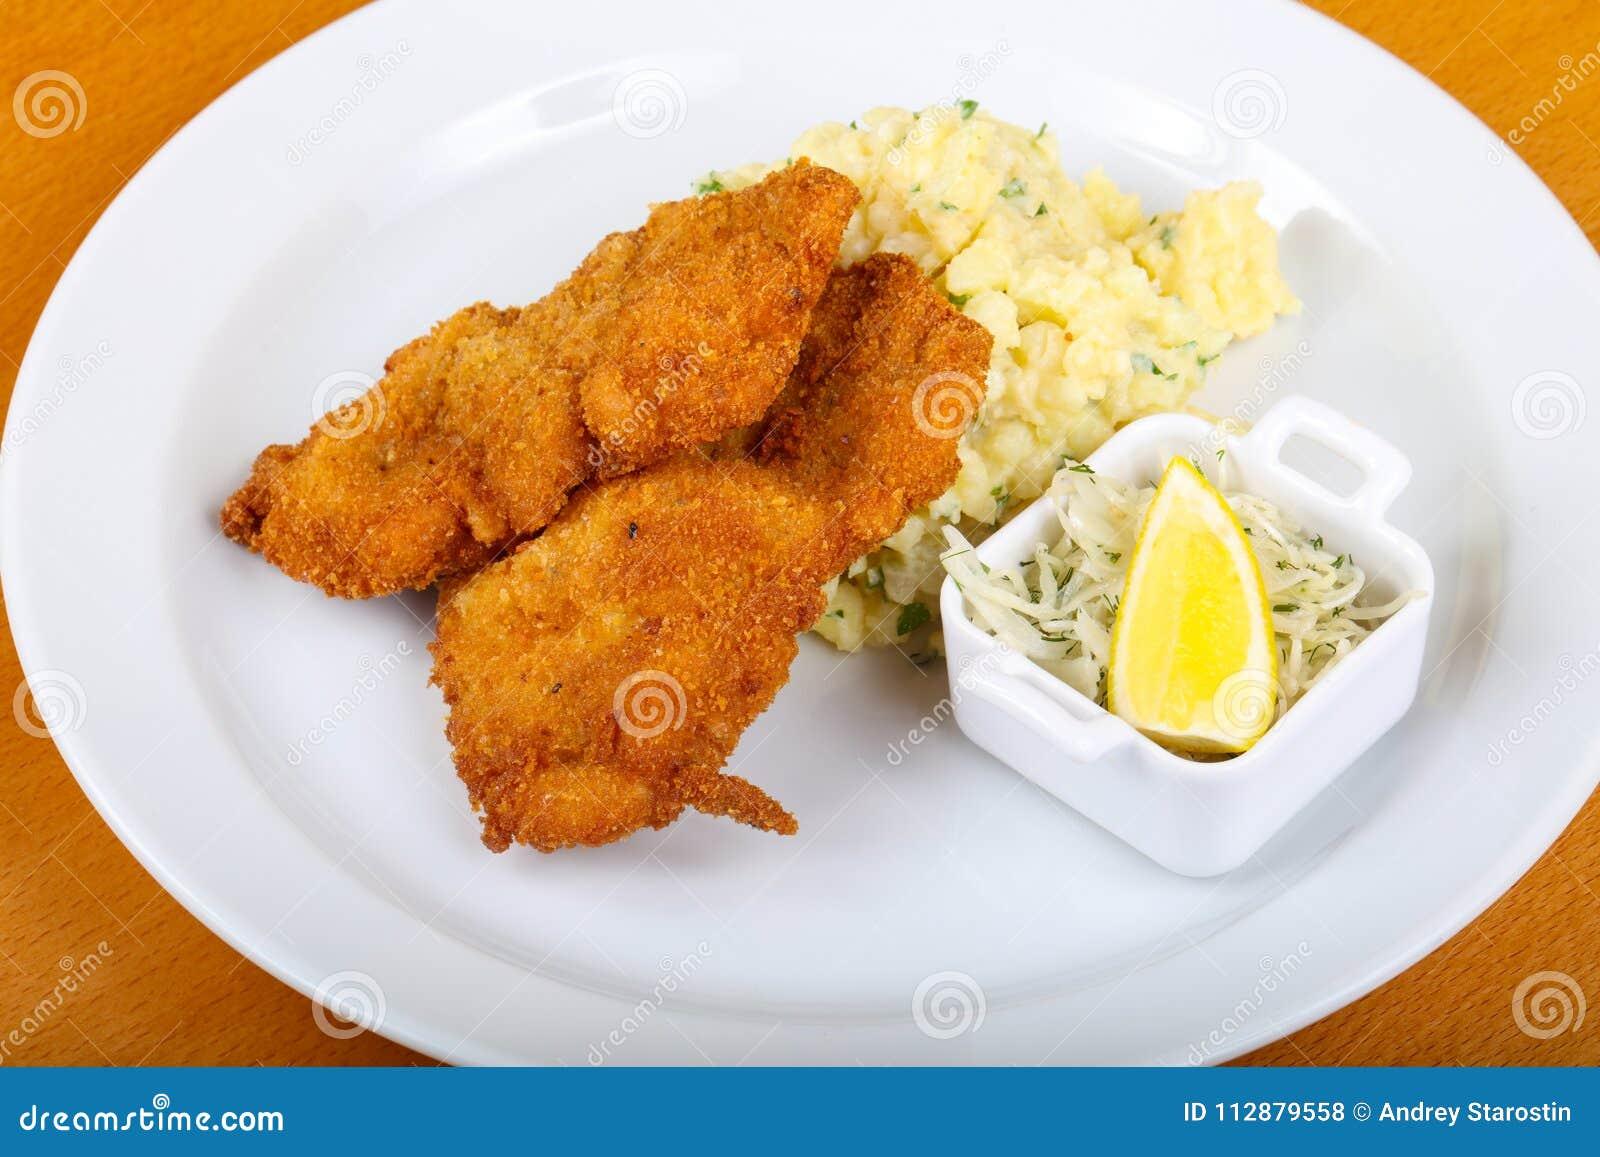 Czech cuisine - schnitzel